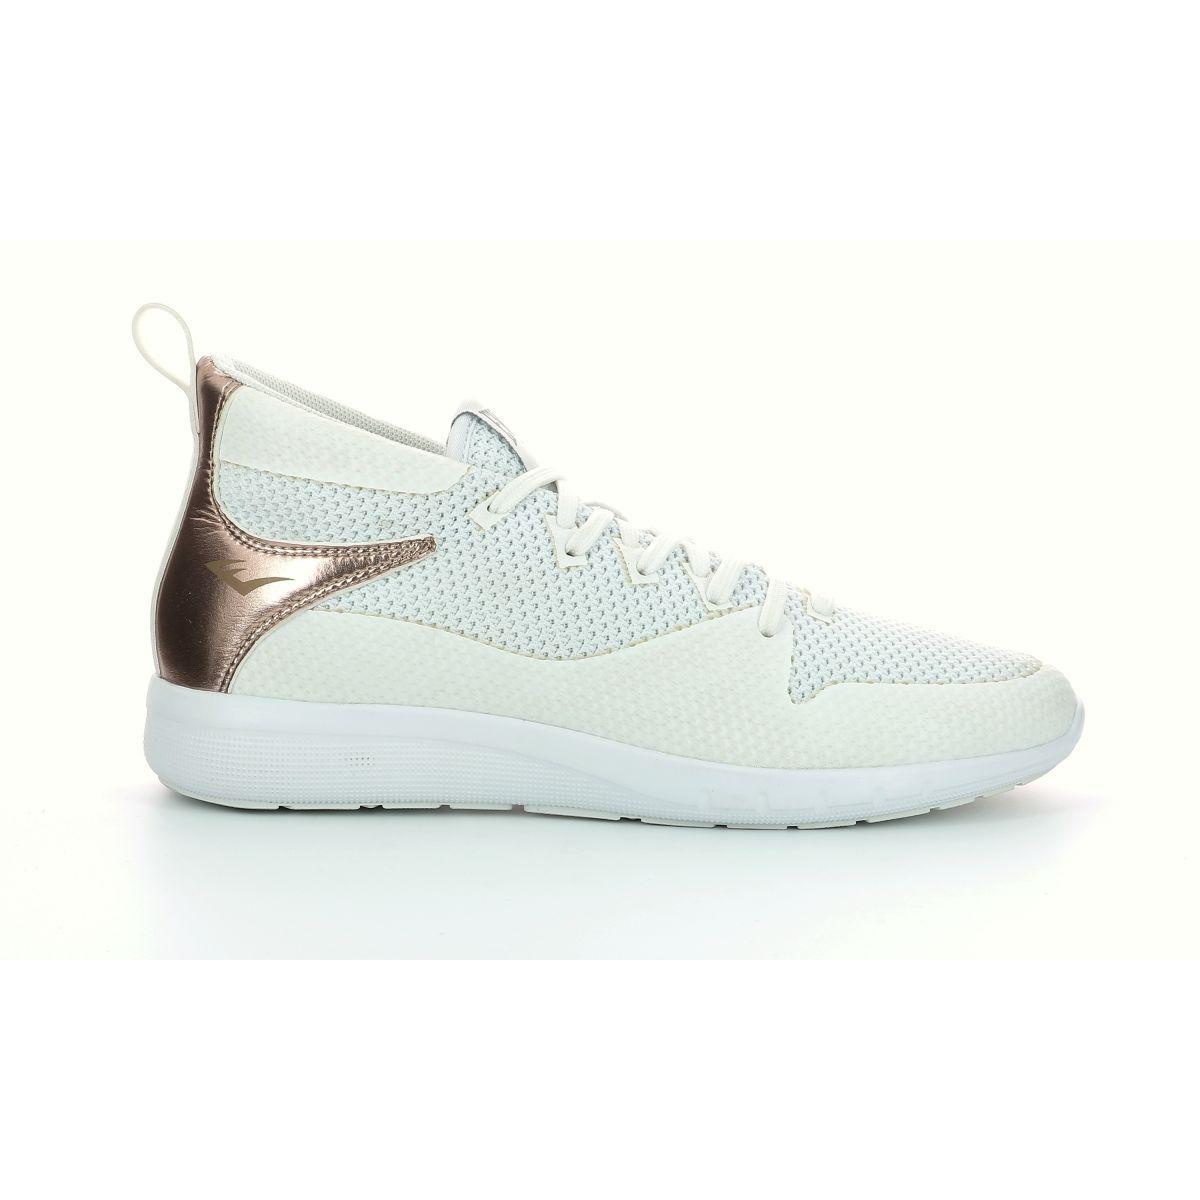 Sneakers basse   Femme Evl 72